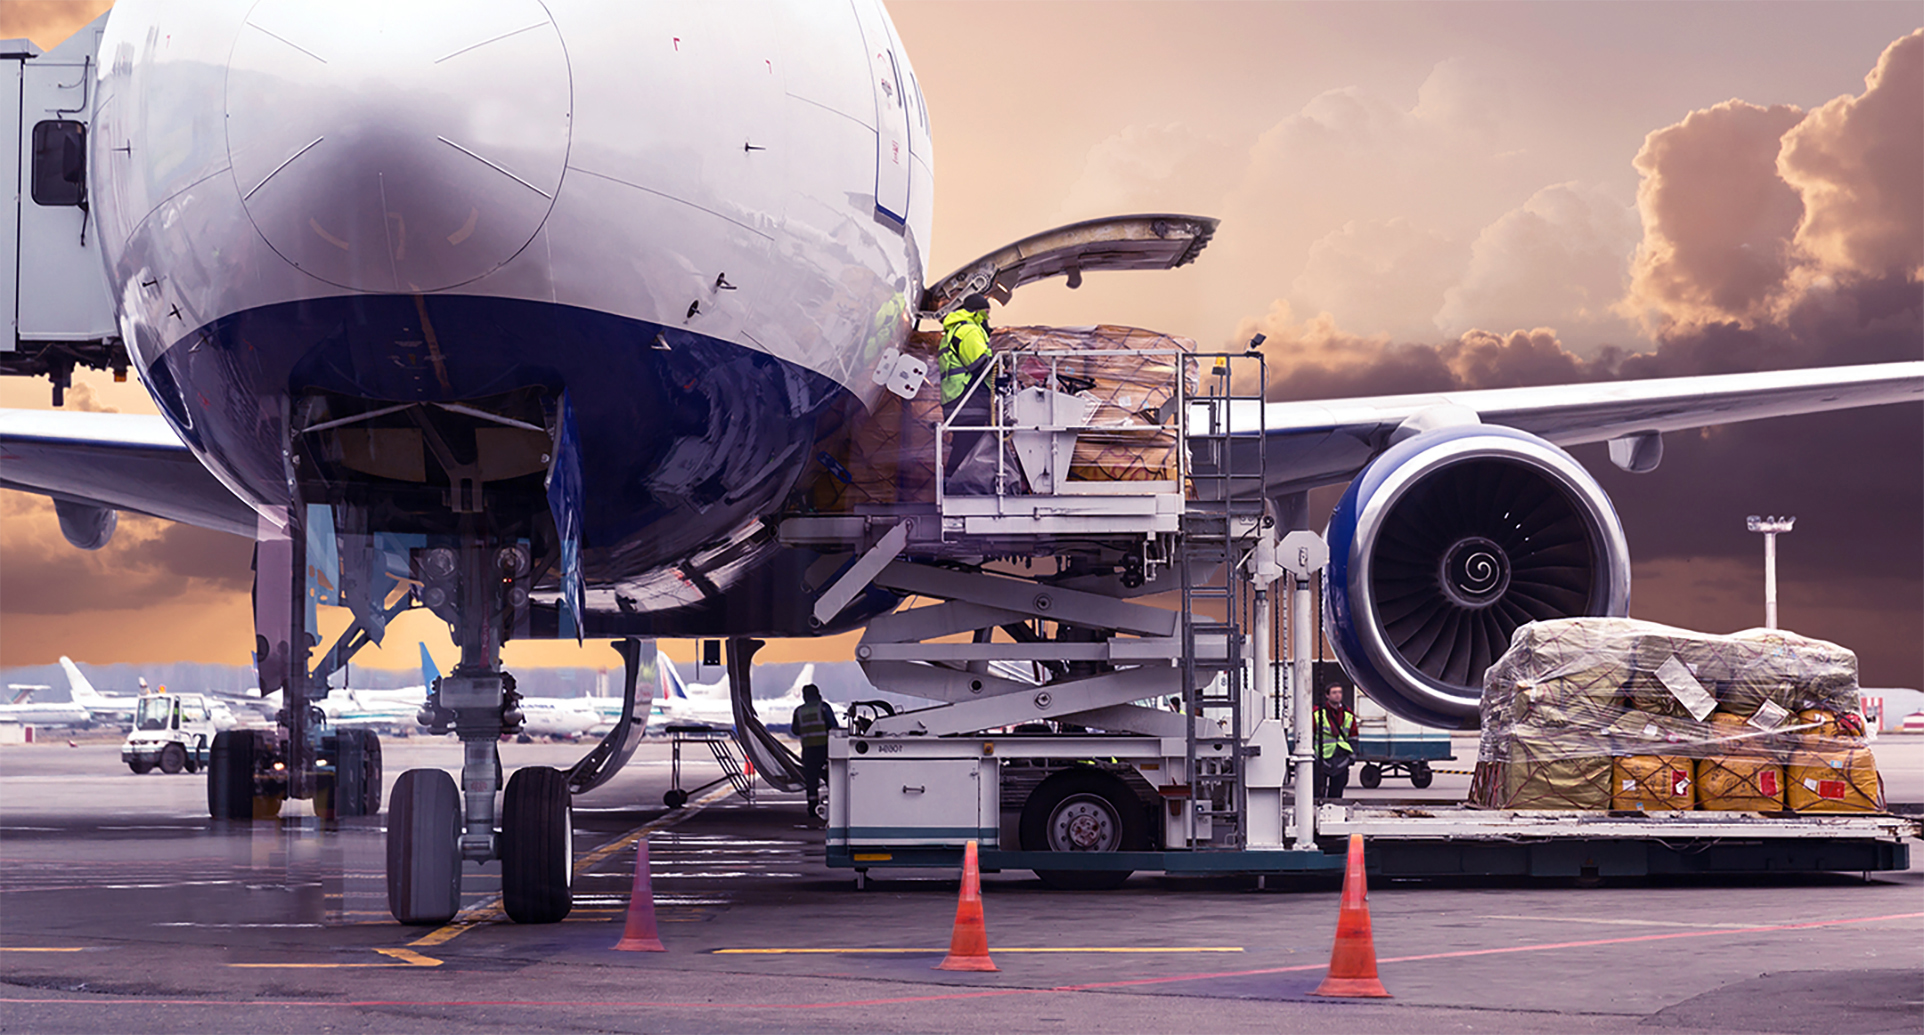 Avion de transport de marchandises pour le fret aérien